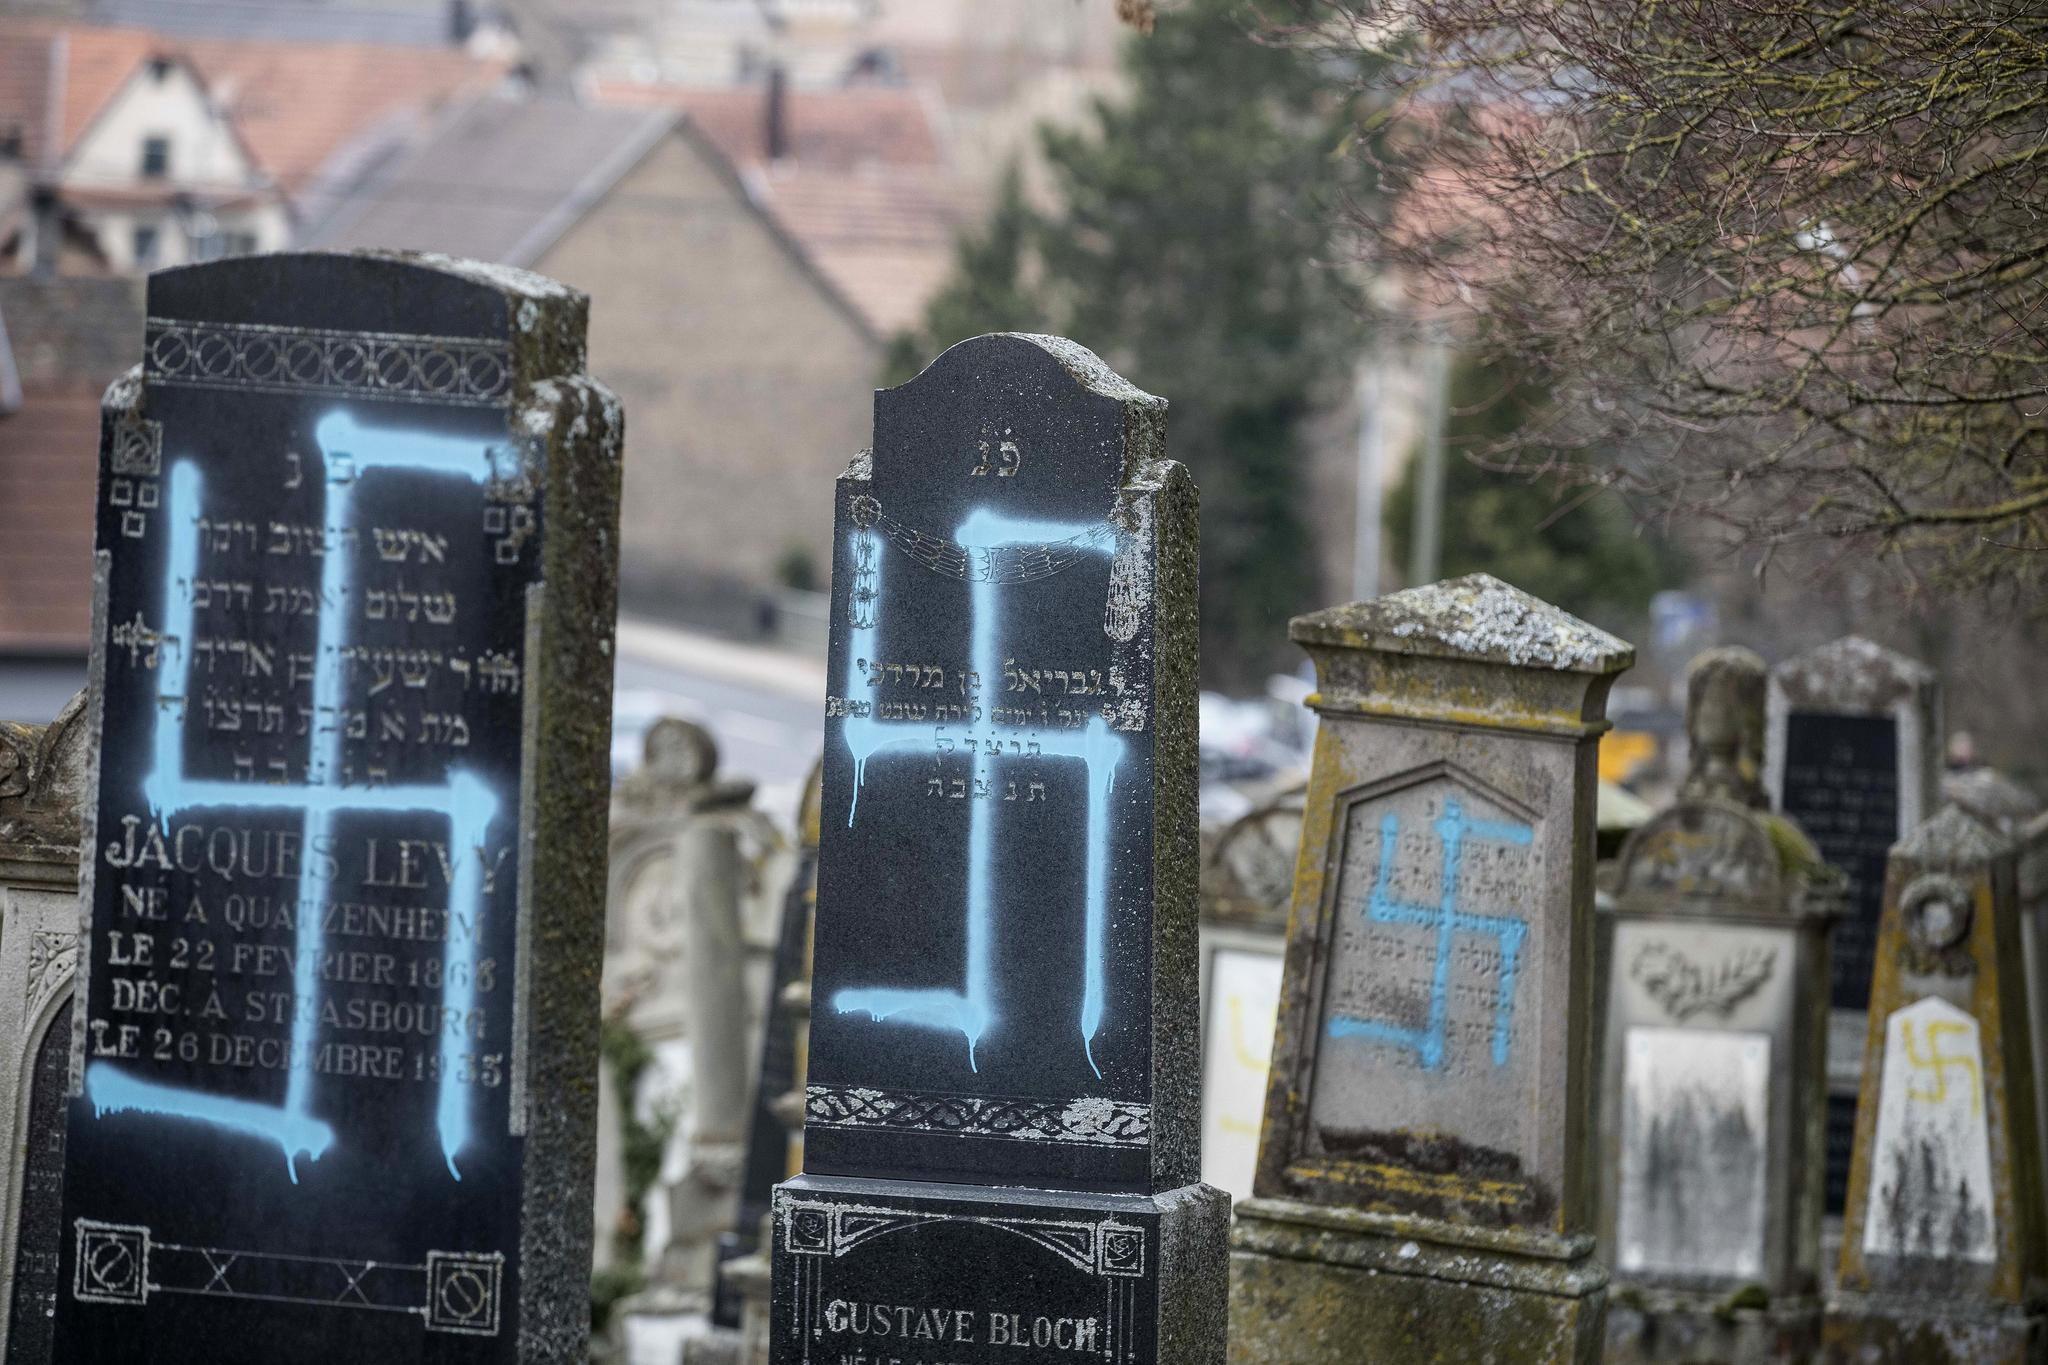 19일(현지시간) 프랑스 동부 카첸하임의 유대인 공동묘지에 나치즘을 상징하는 하켄크로이츠가 칠해져 있다. [AP=연합뉴스]